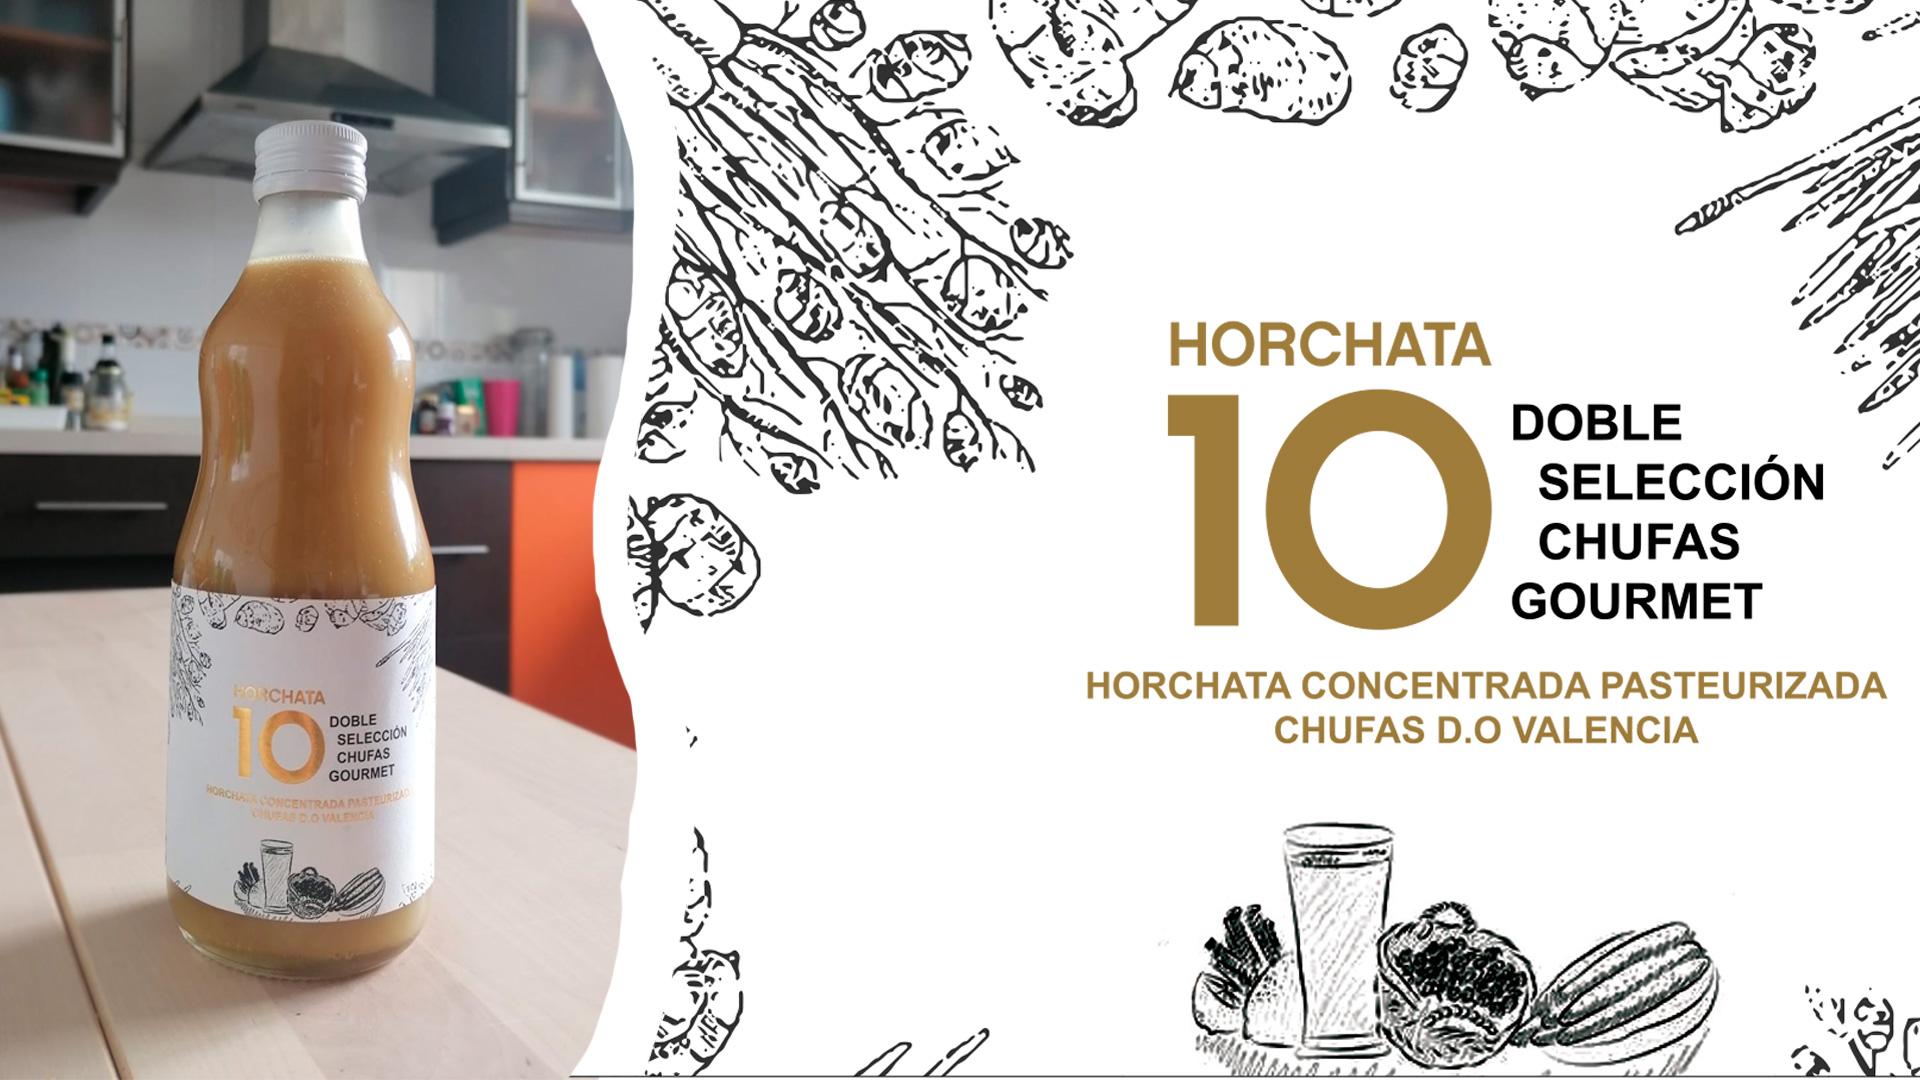 Horchjata Gourmet